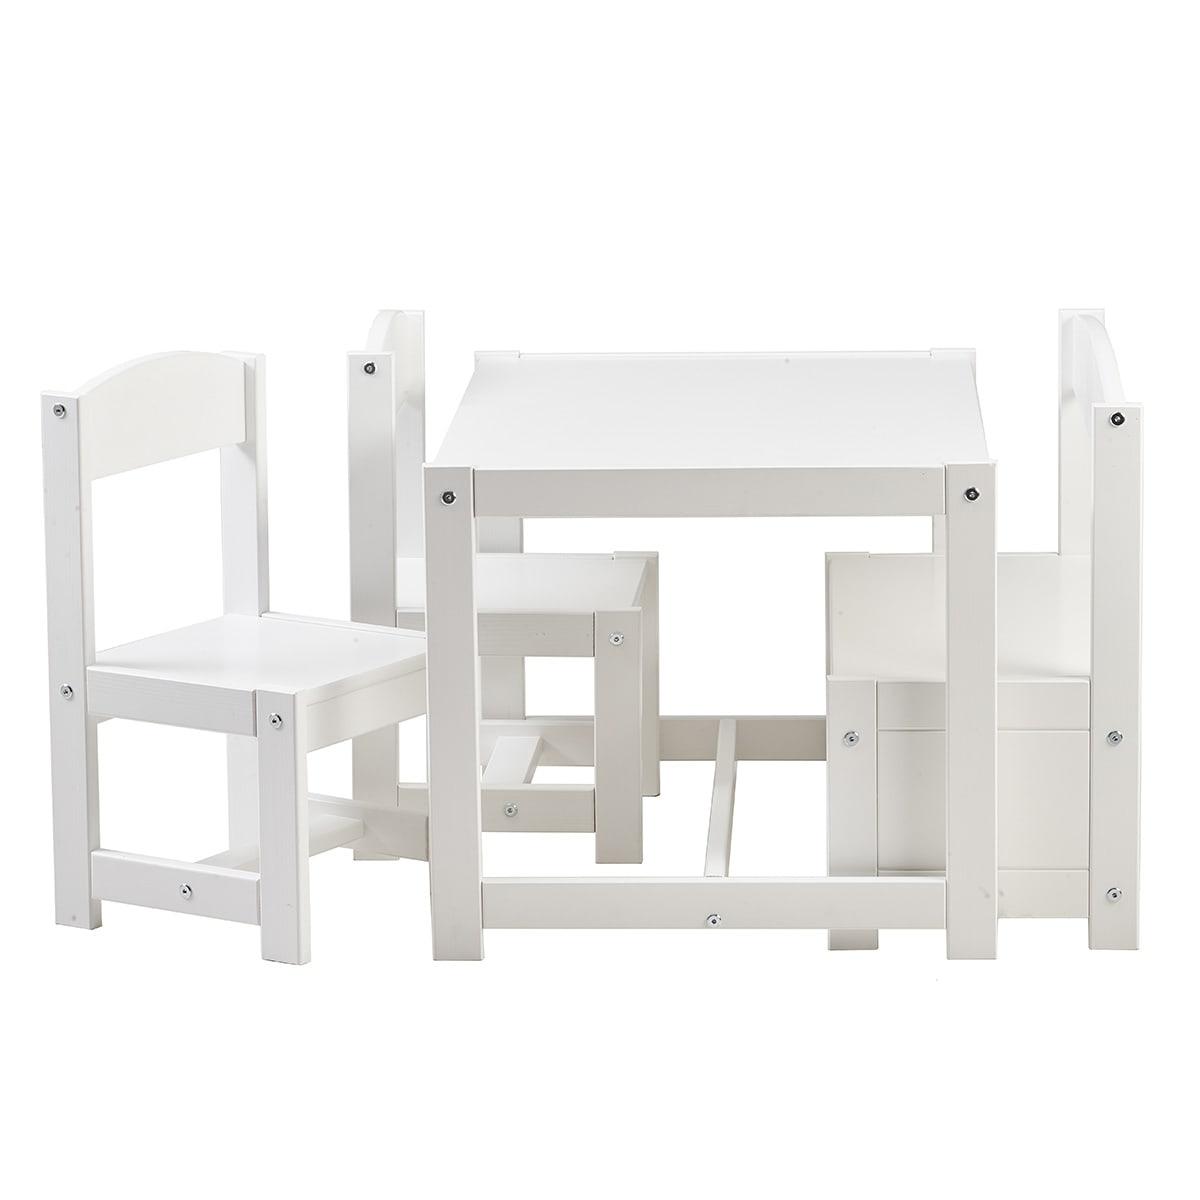 Møbelsæt til børneværelset med bord, 2 stole og bænk med opbevaring